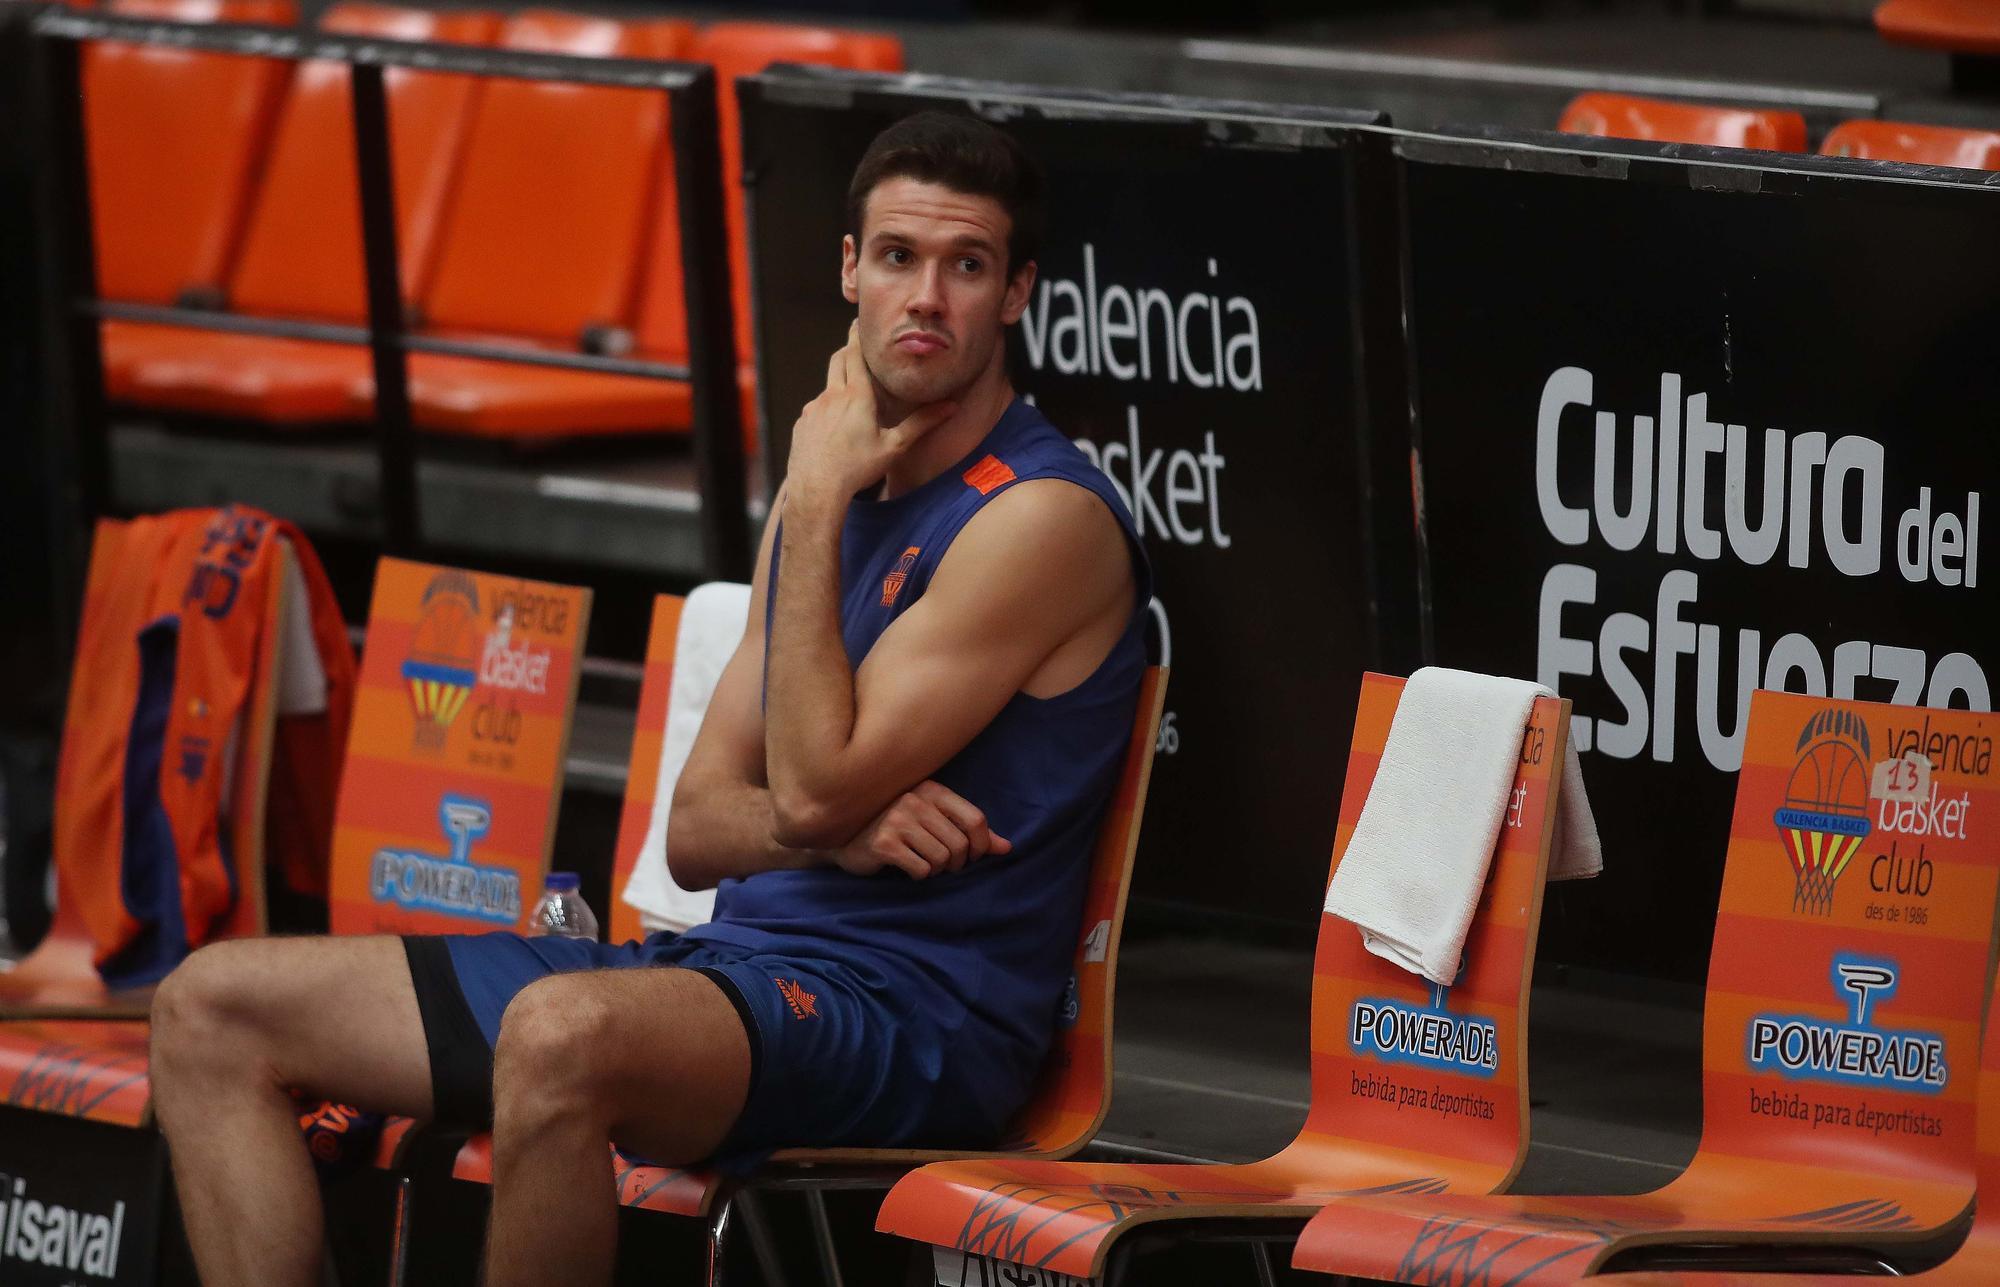 Primer Entrenamiento del Valencia Basket